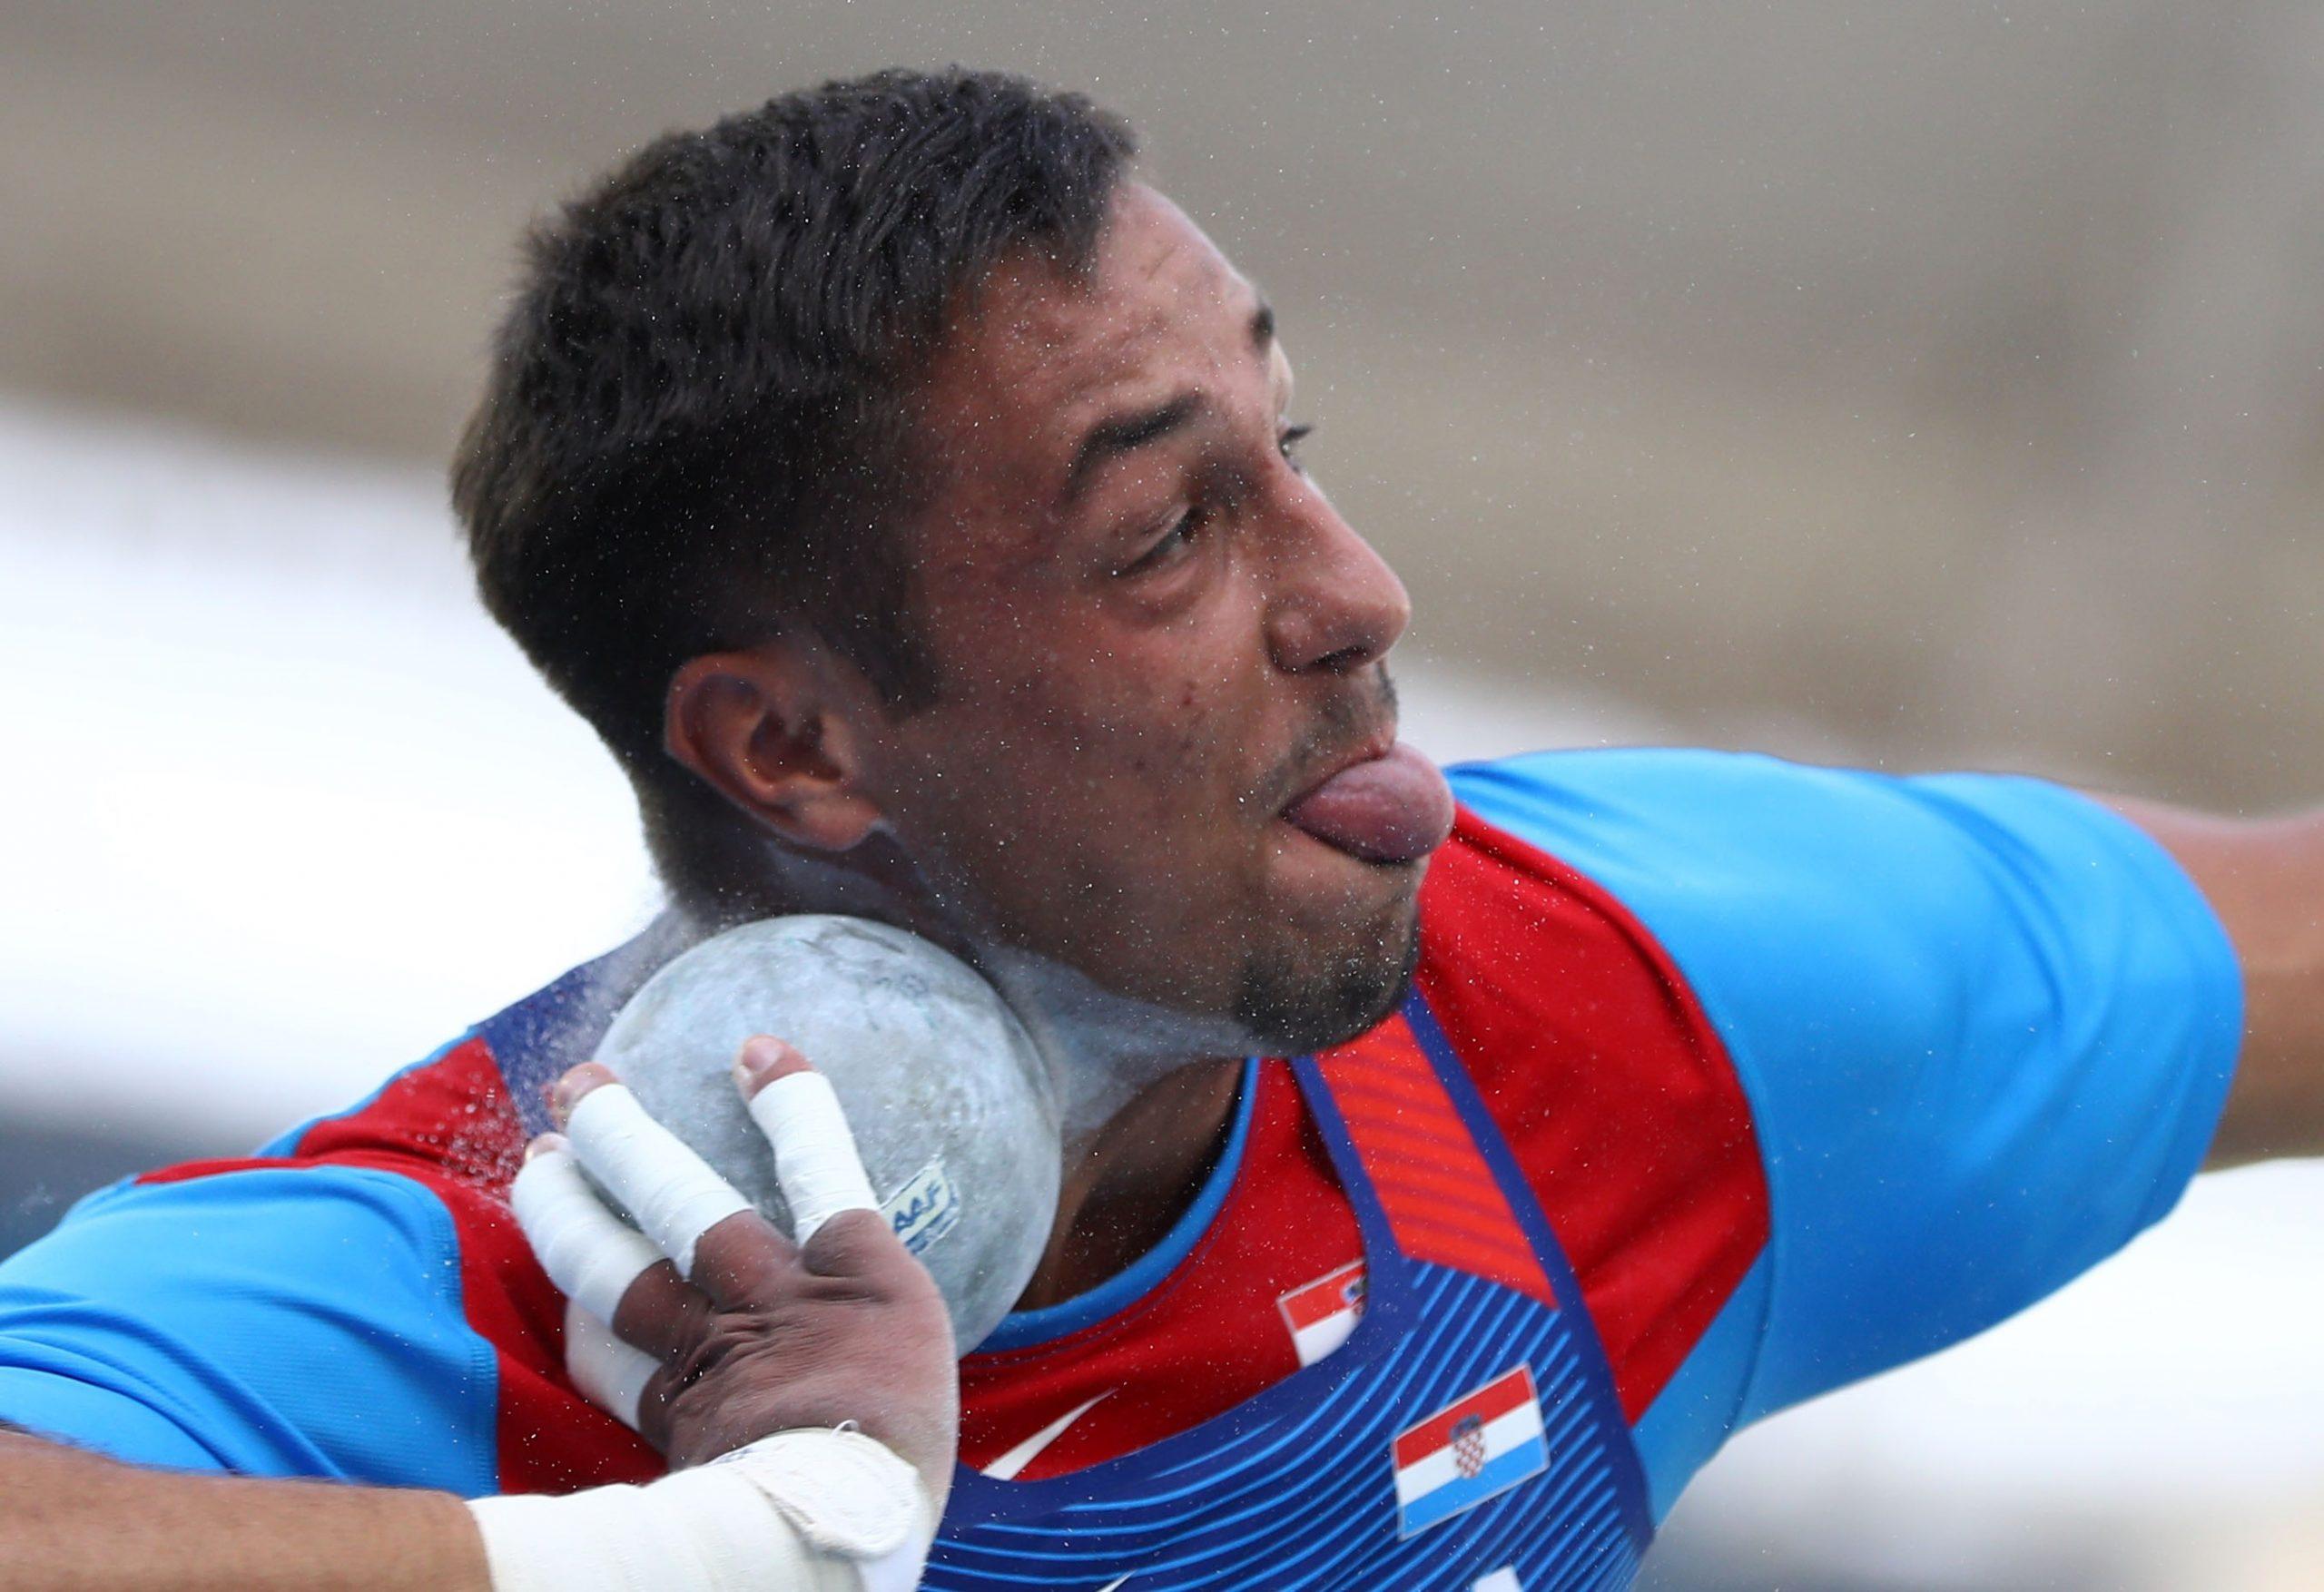 PRVO NATJECANJE SEZONE - Filip Mihaljević/Foto REUTERS